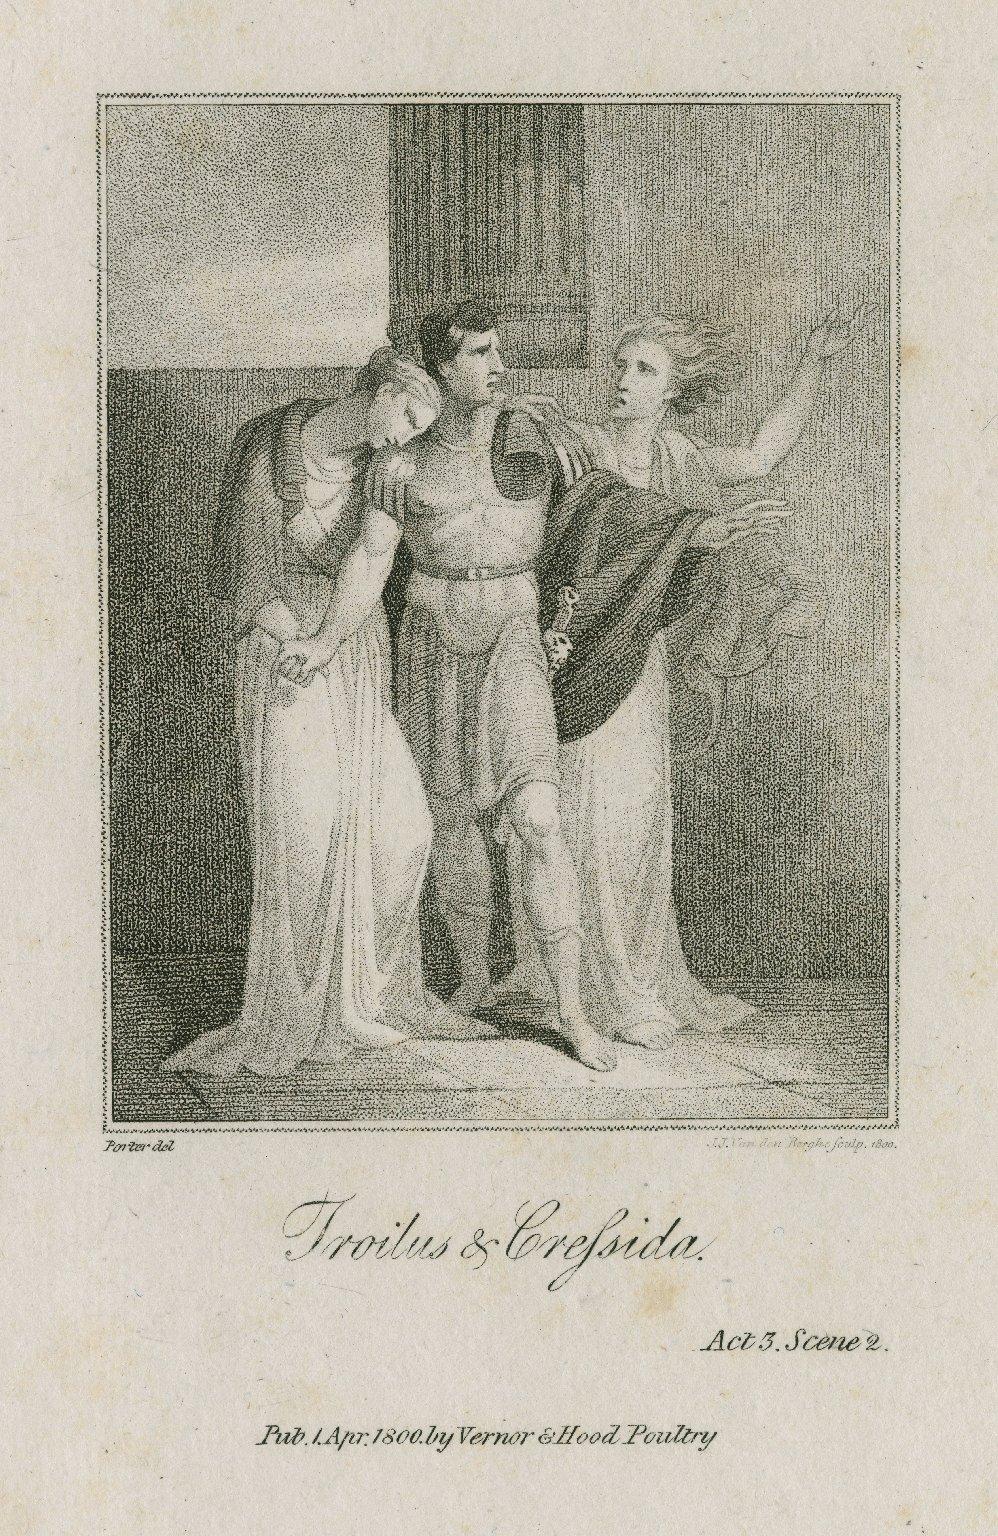 Troilus & Cressida, act 3, sc. 2 [i.e. act 5, sc. 3] [graphic] / Porter, del. ; J.J. Van den Berghe, sculpt. 1800.